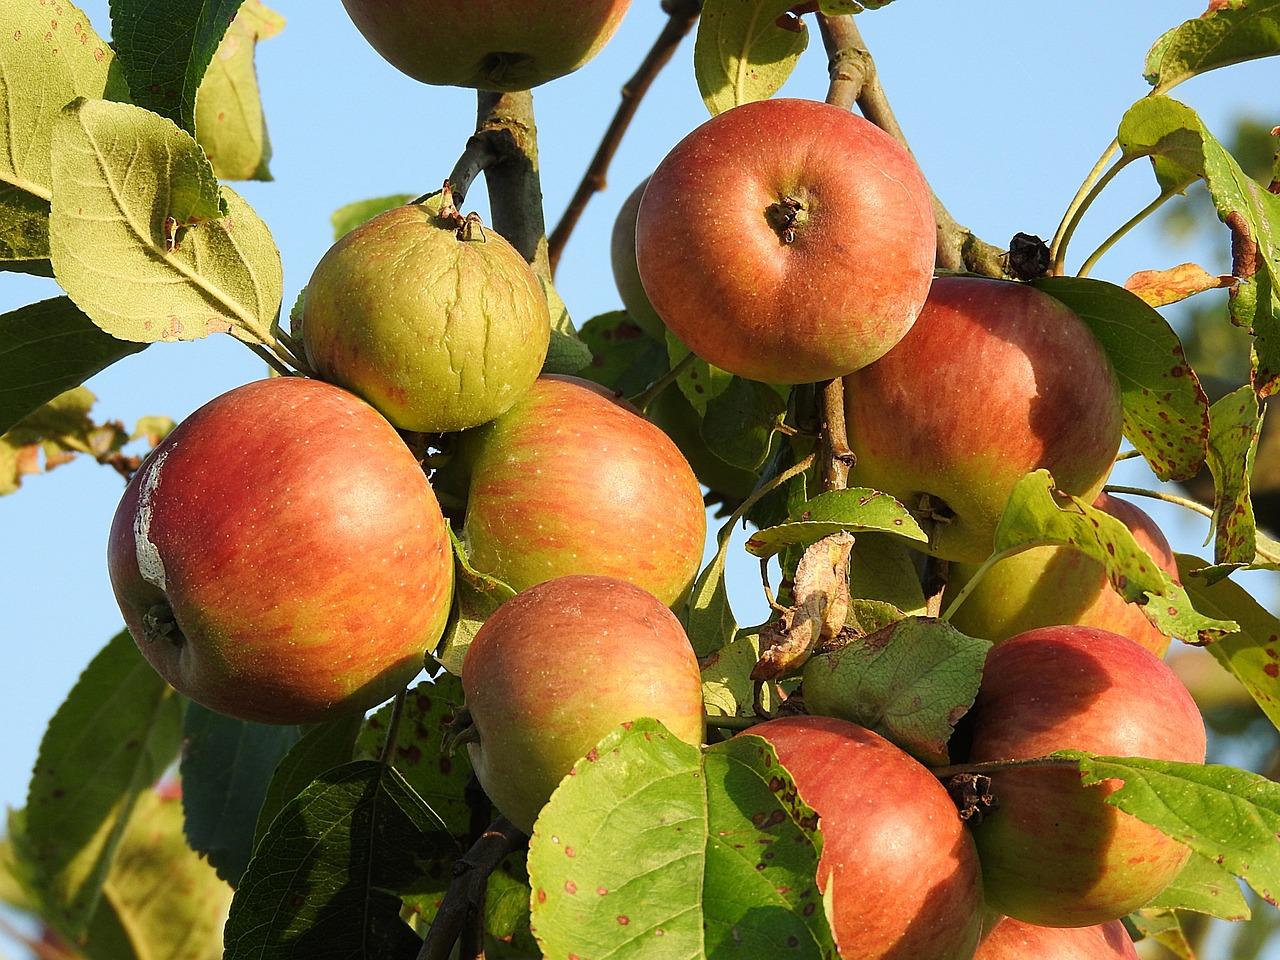 пары двое описание с фото яблони заря алатау заниматься таким творчеством